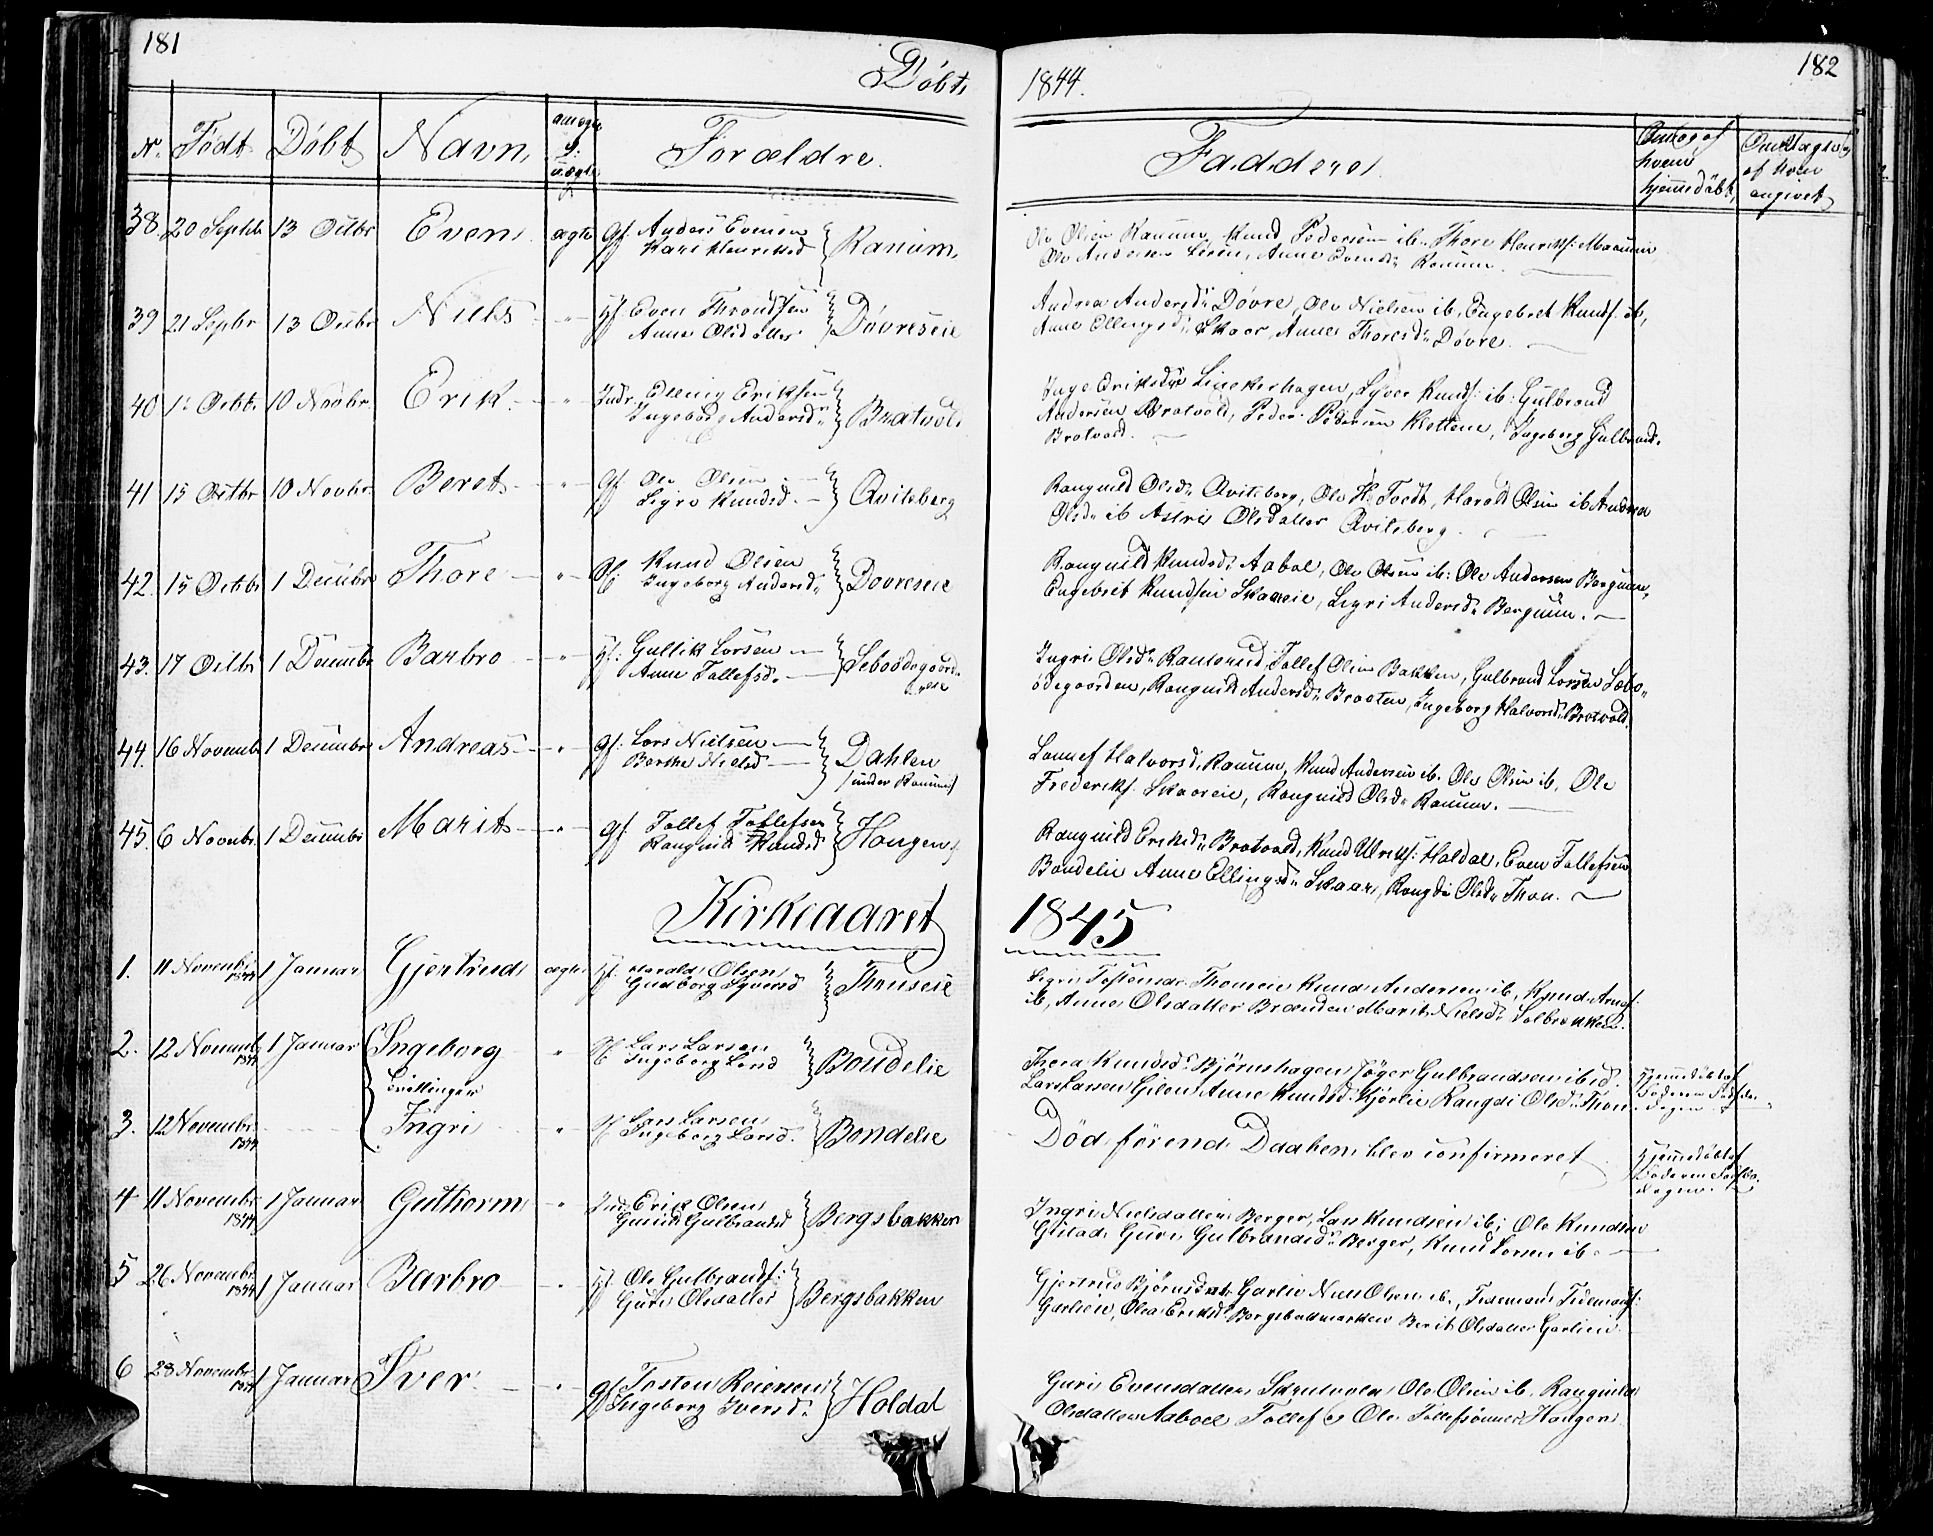 SAH, Nord-Aurdal prestekontor, Klokkerbok nr. 1, 1834-1887, s. 181-182